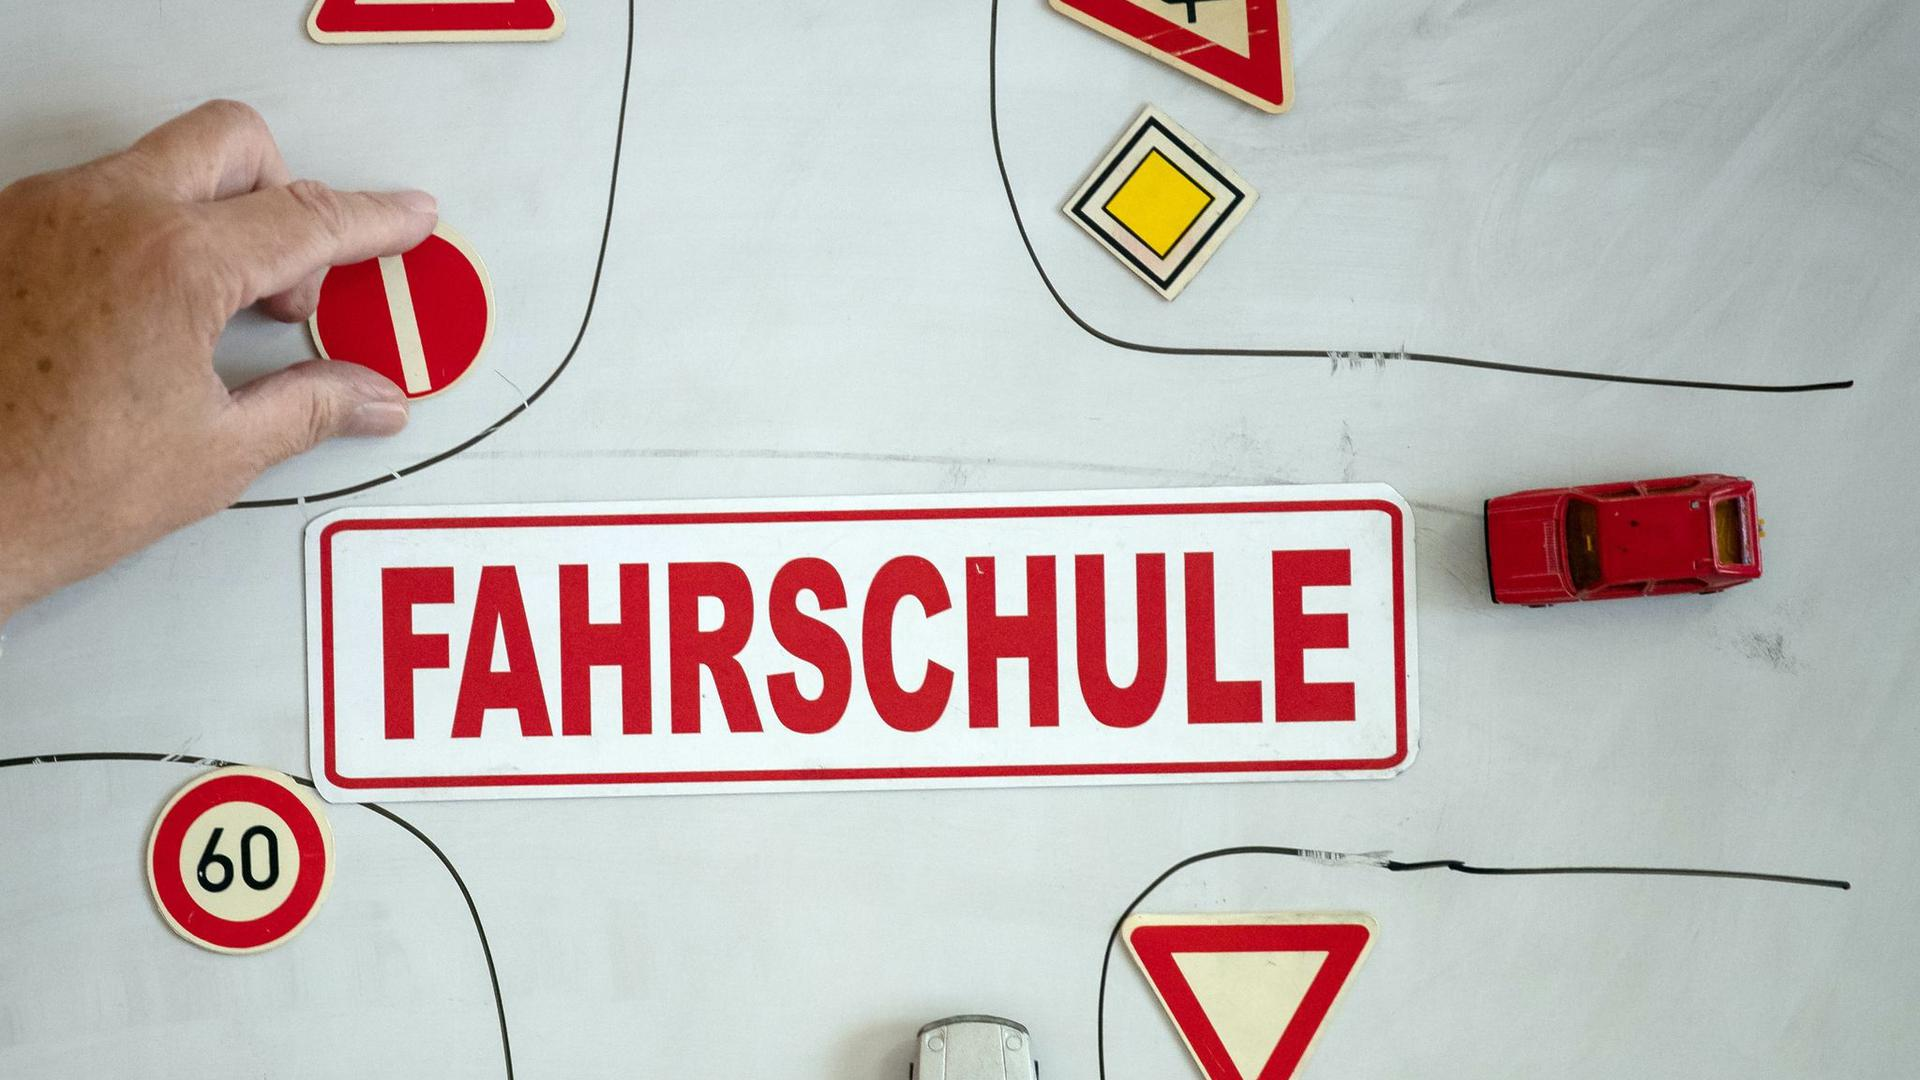 """Ein Magnet mit der Aufschrift """"Fahrschule"""" an einer Wandtafel mit verschiedenen Verkehrsymbolen."""